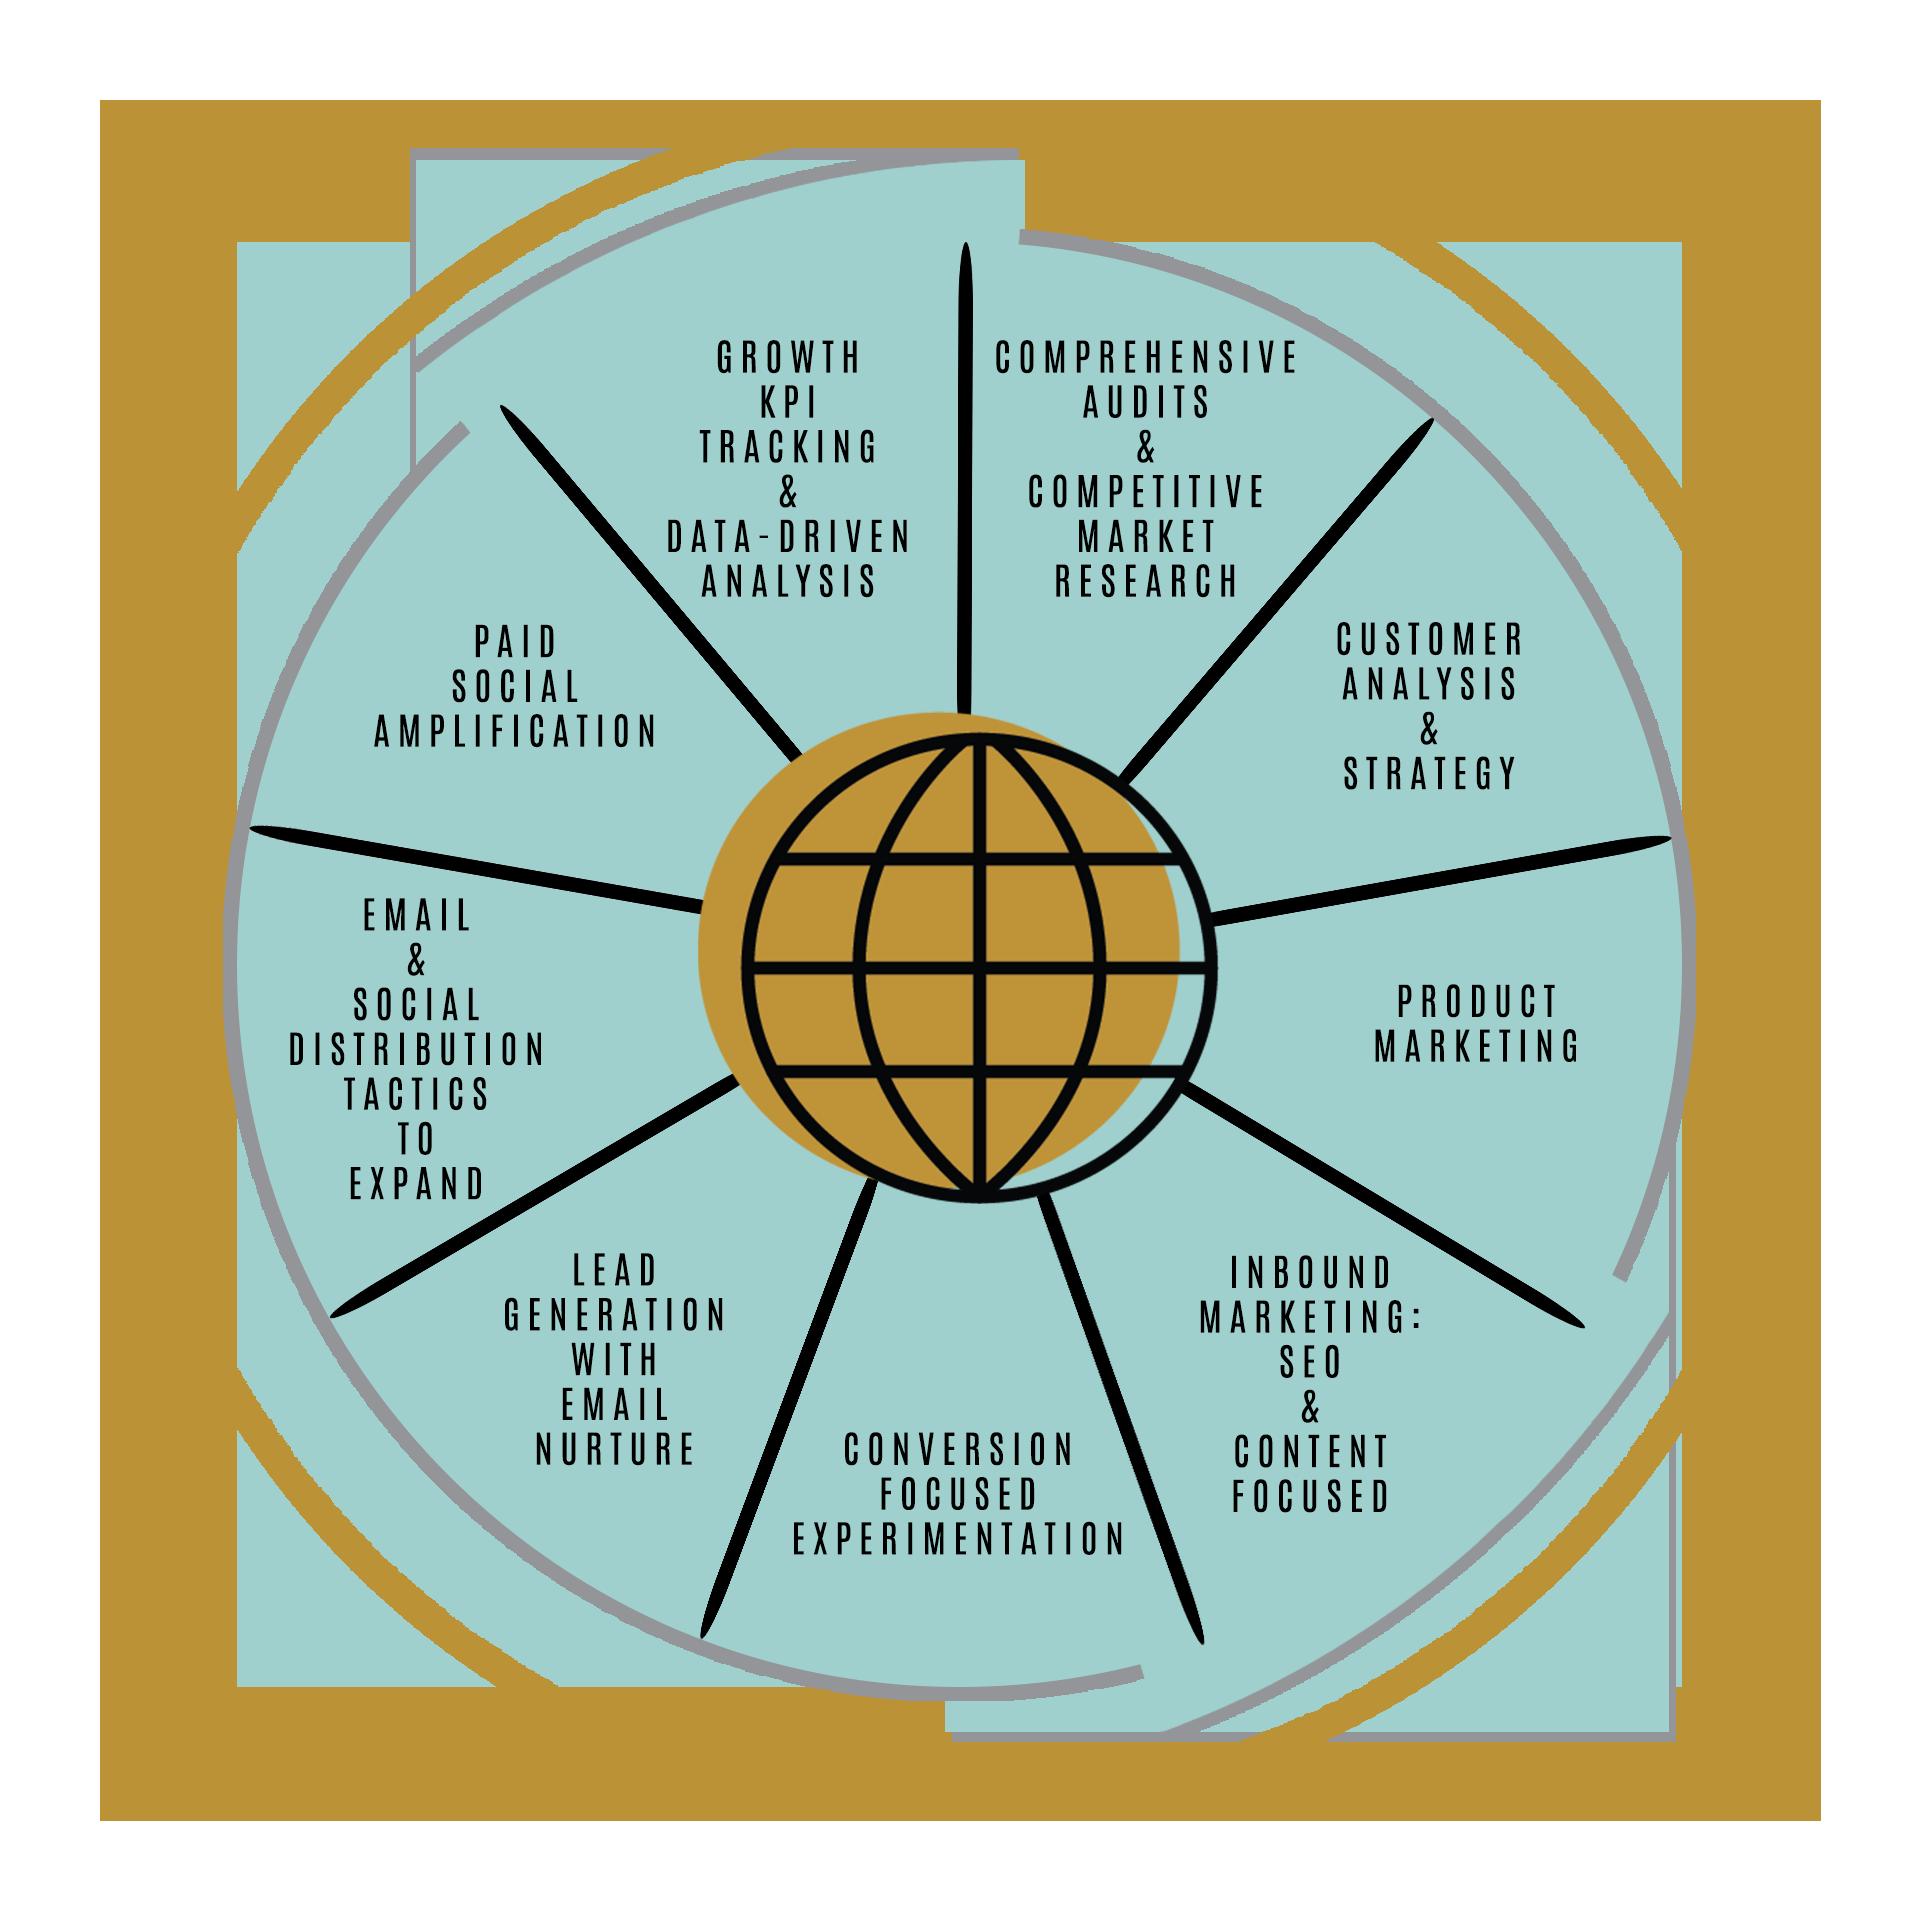 Growth Marketing Flywheel